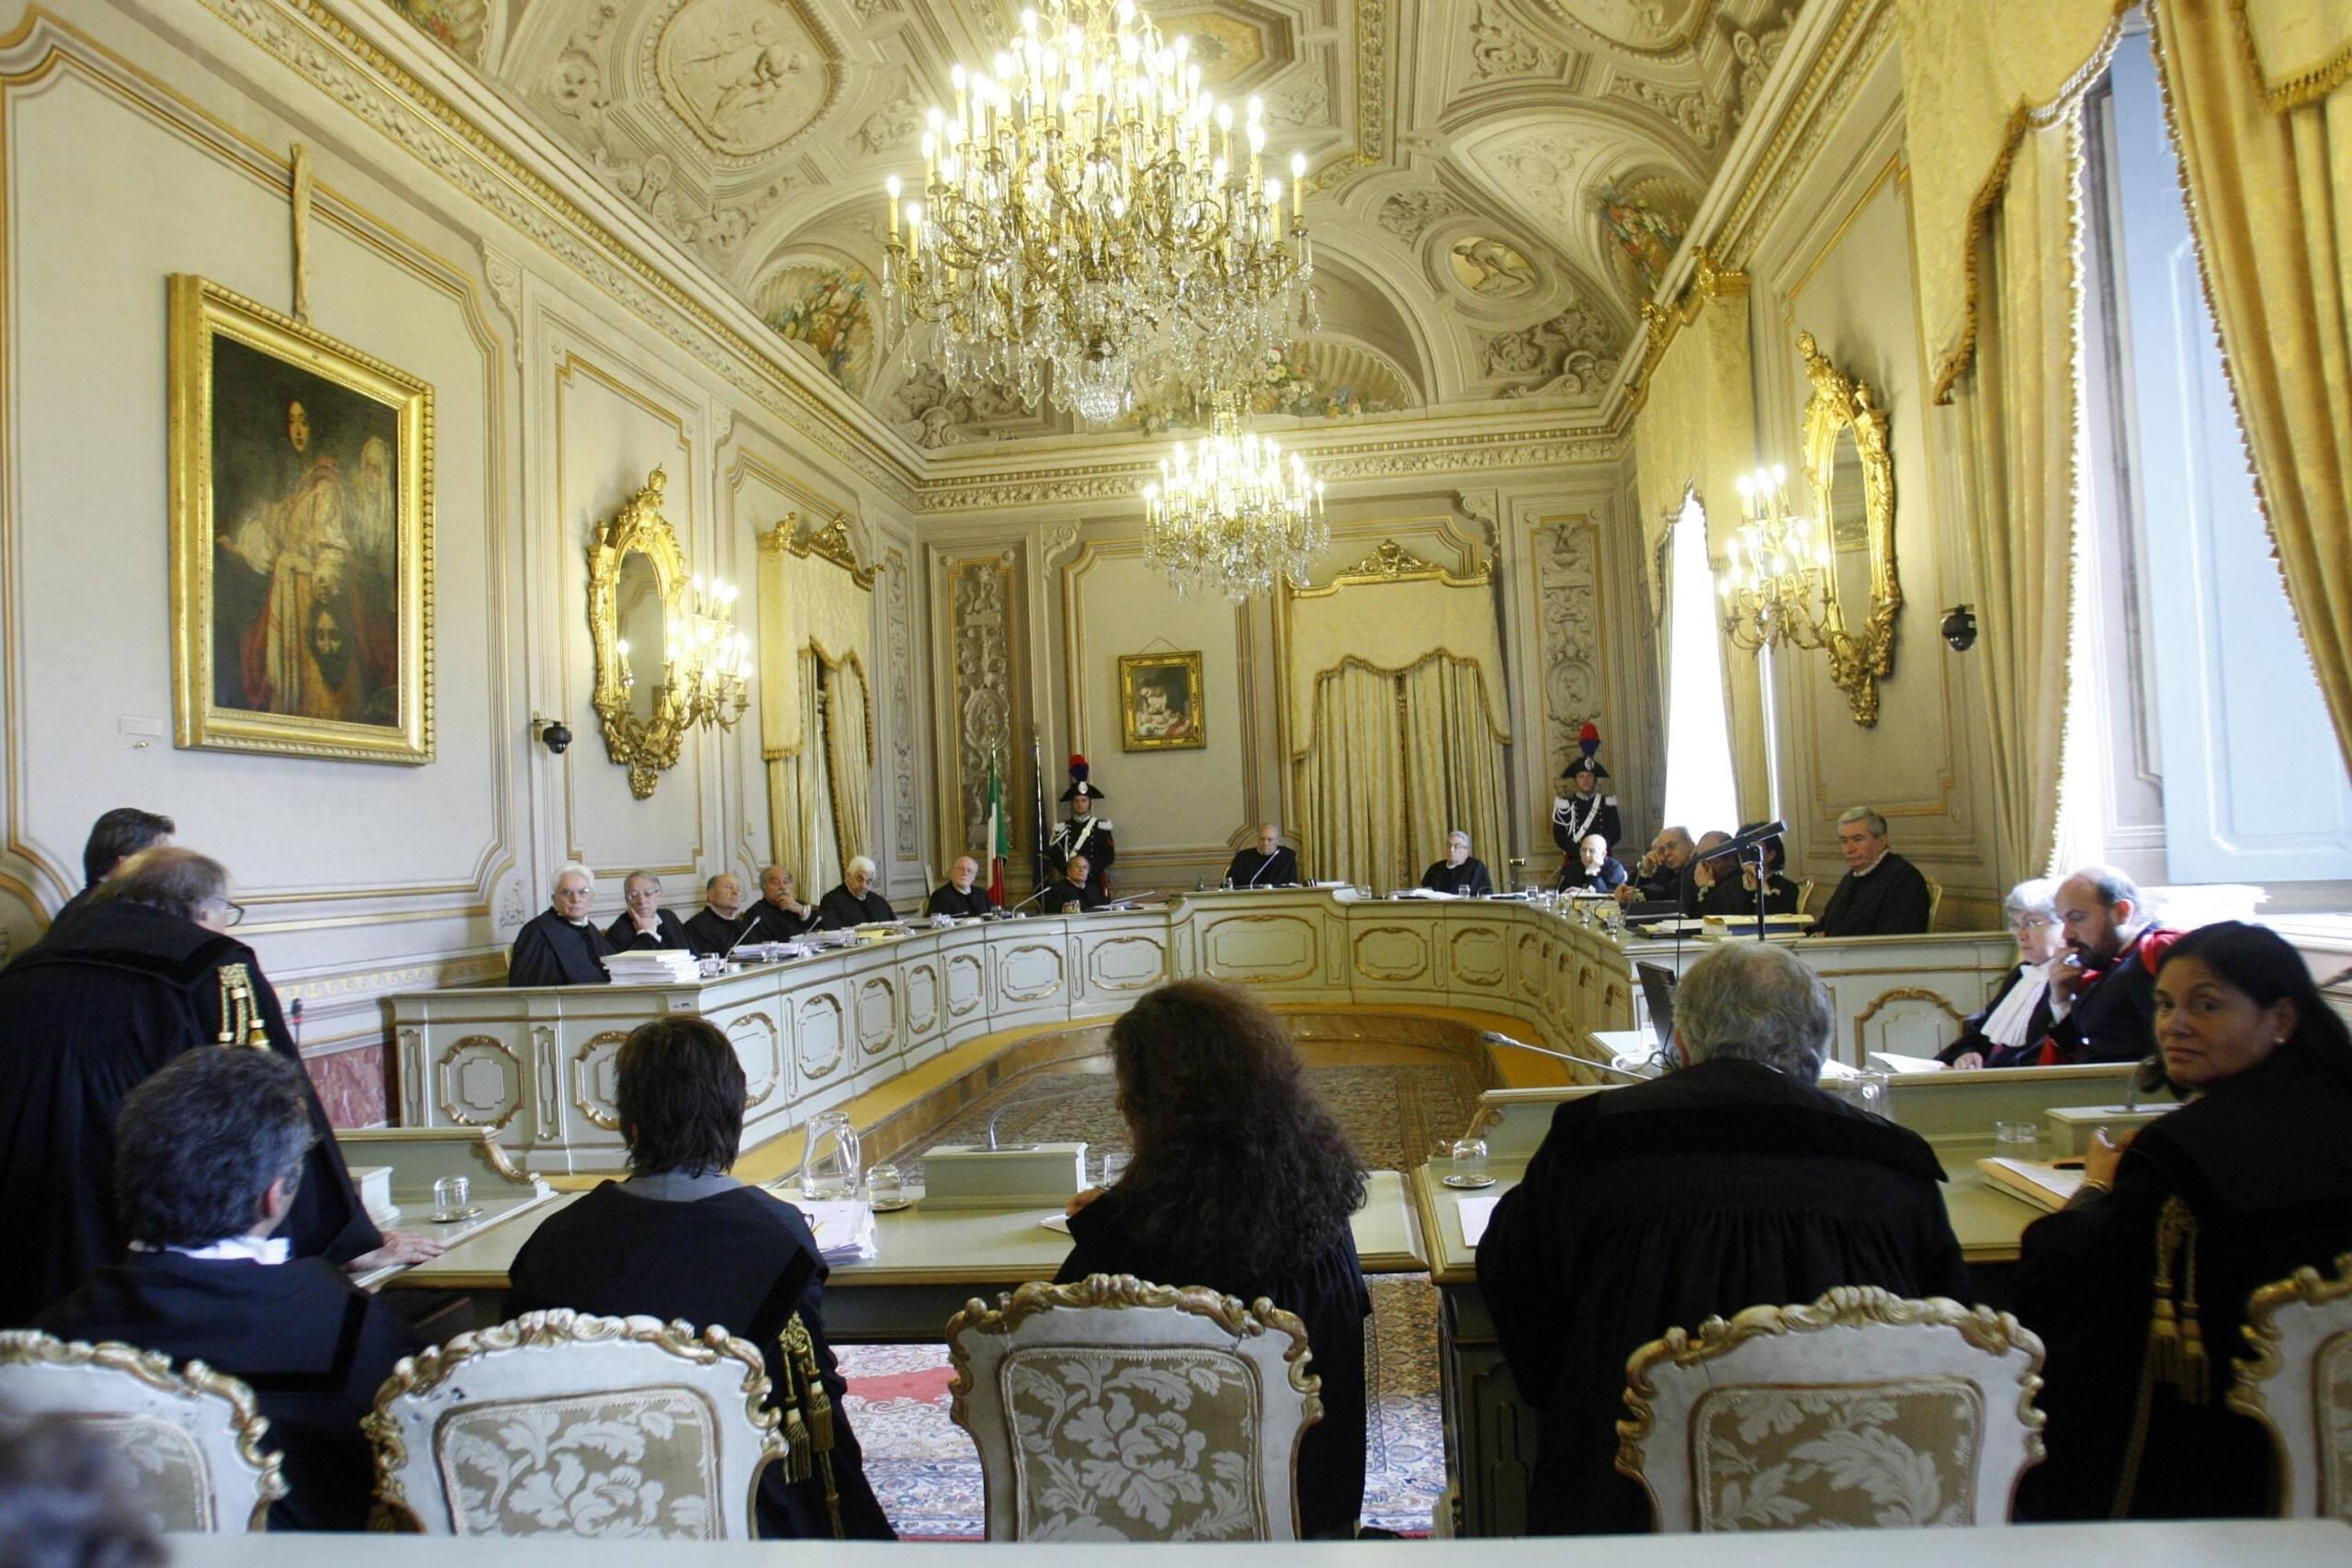 Bocciata la mediazione civile obbligatoria